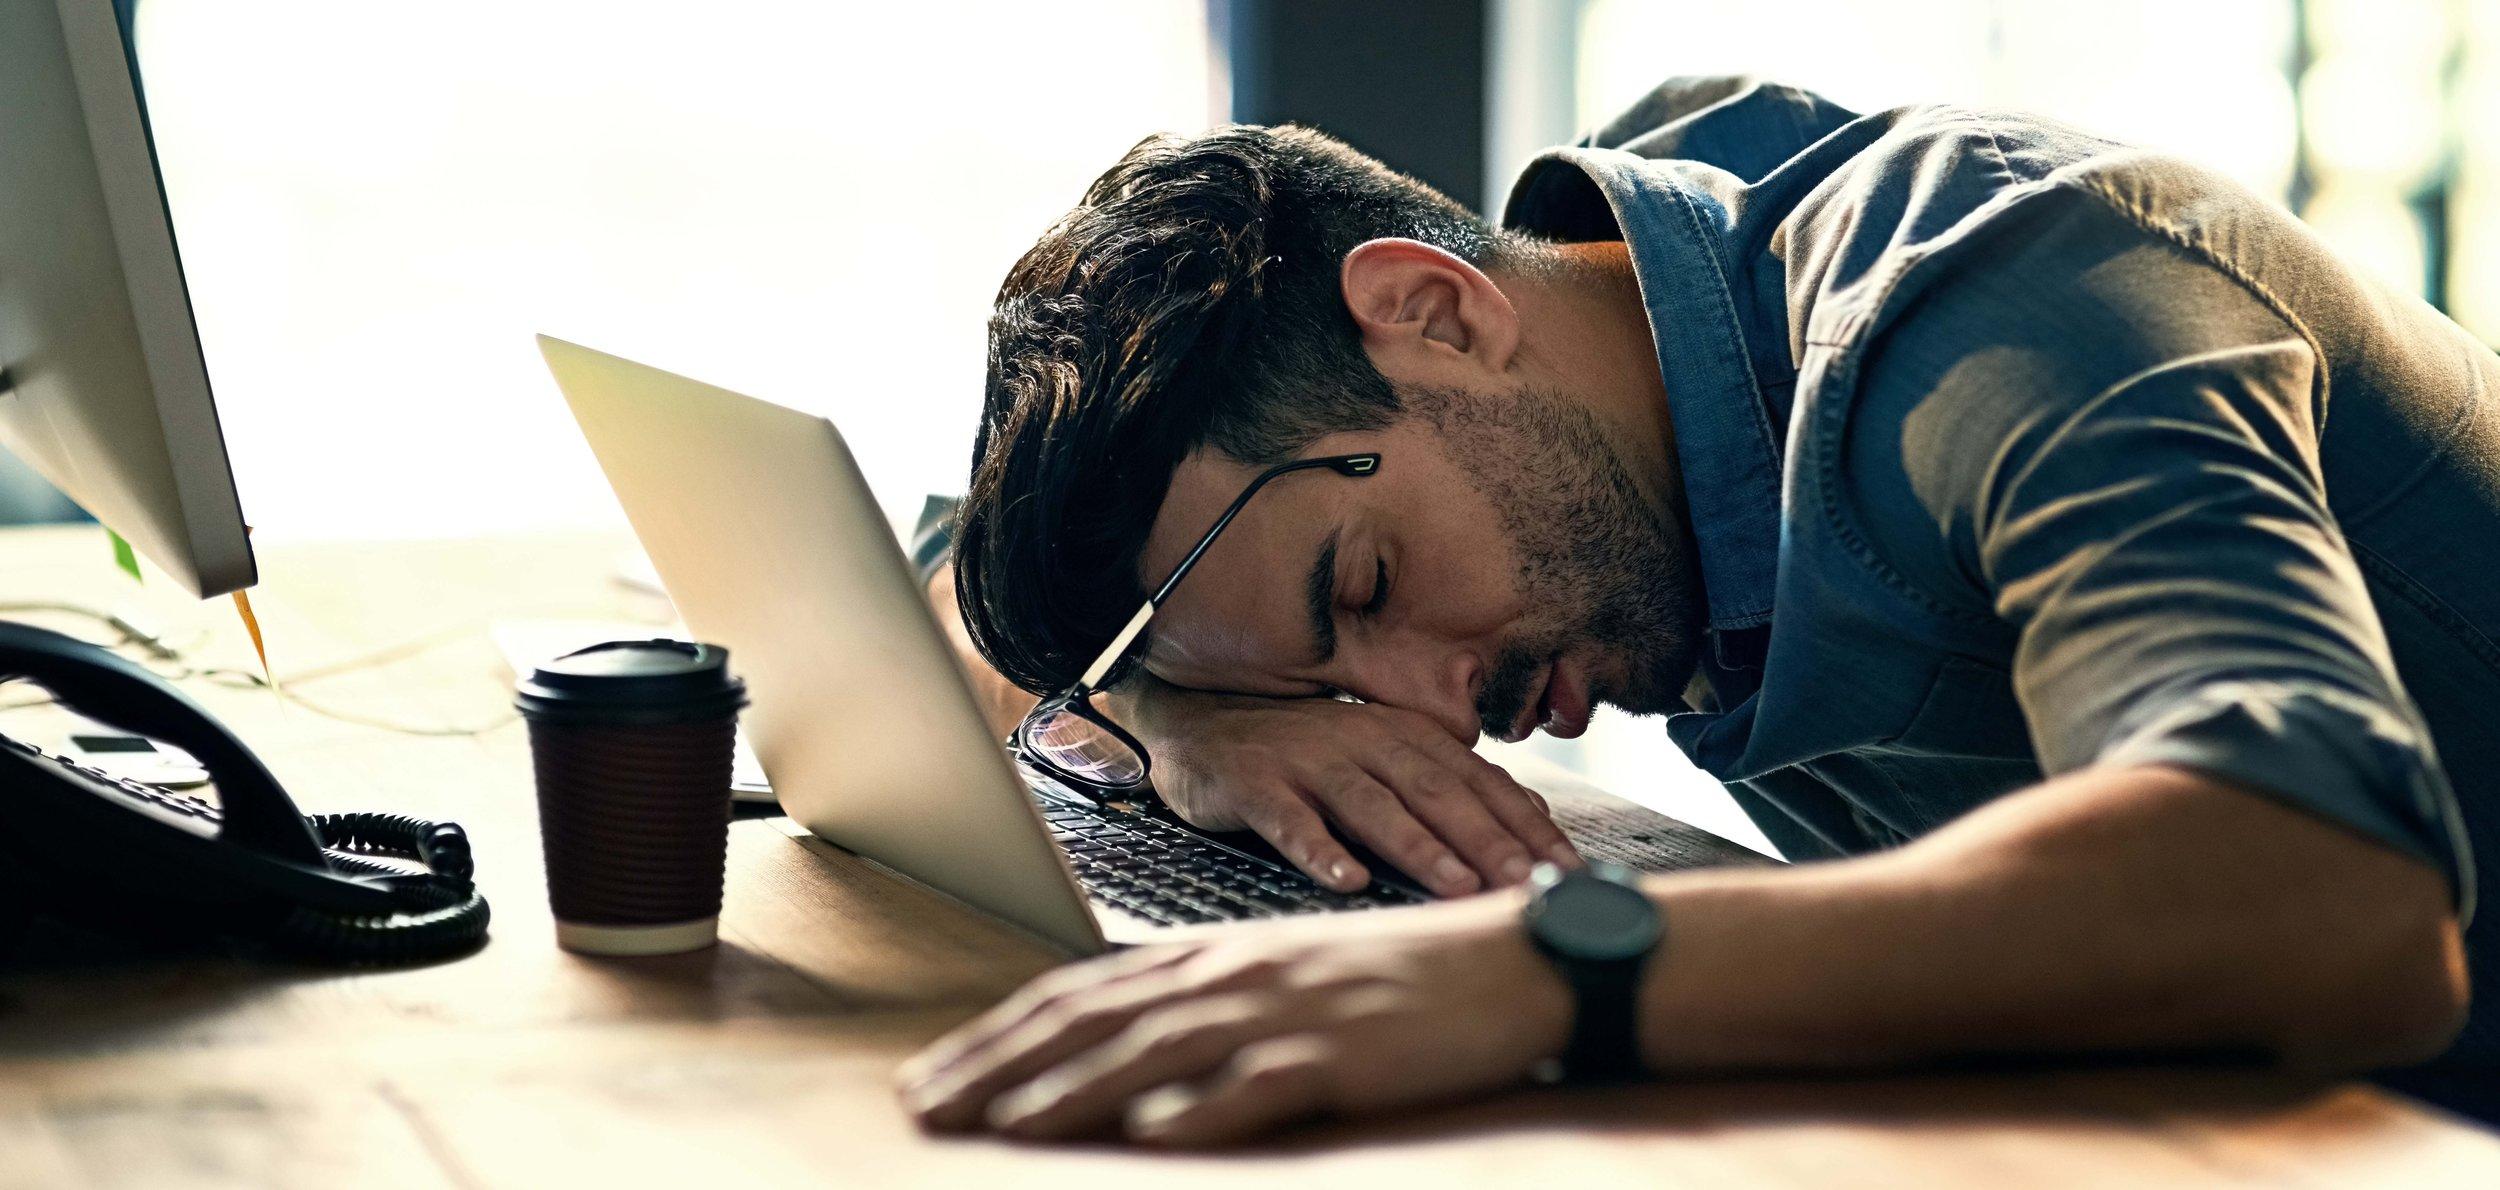 Asleep-on-laptop-masthead.jpg